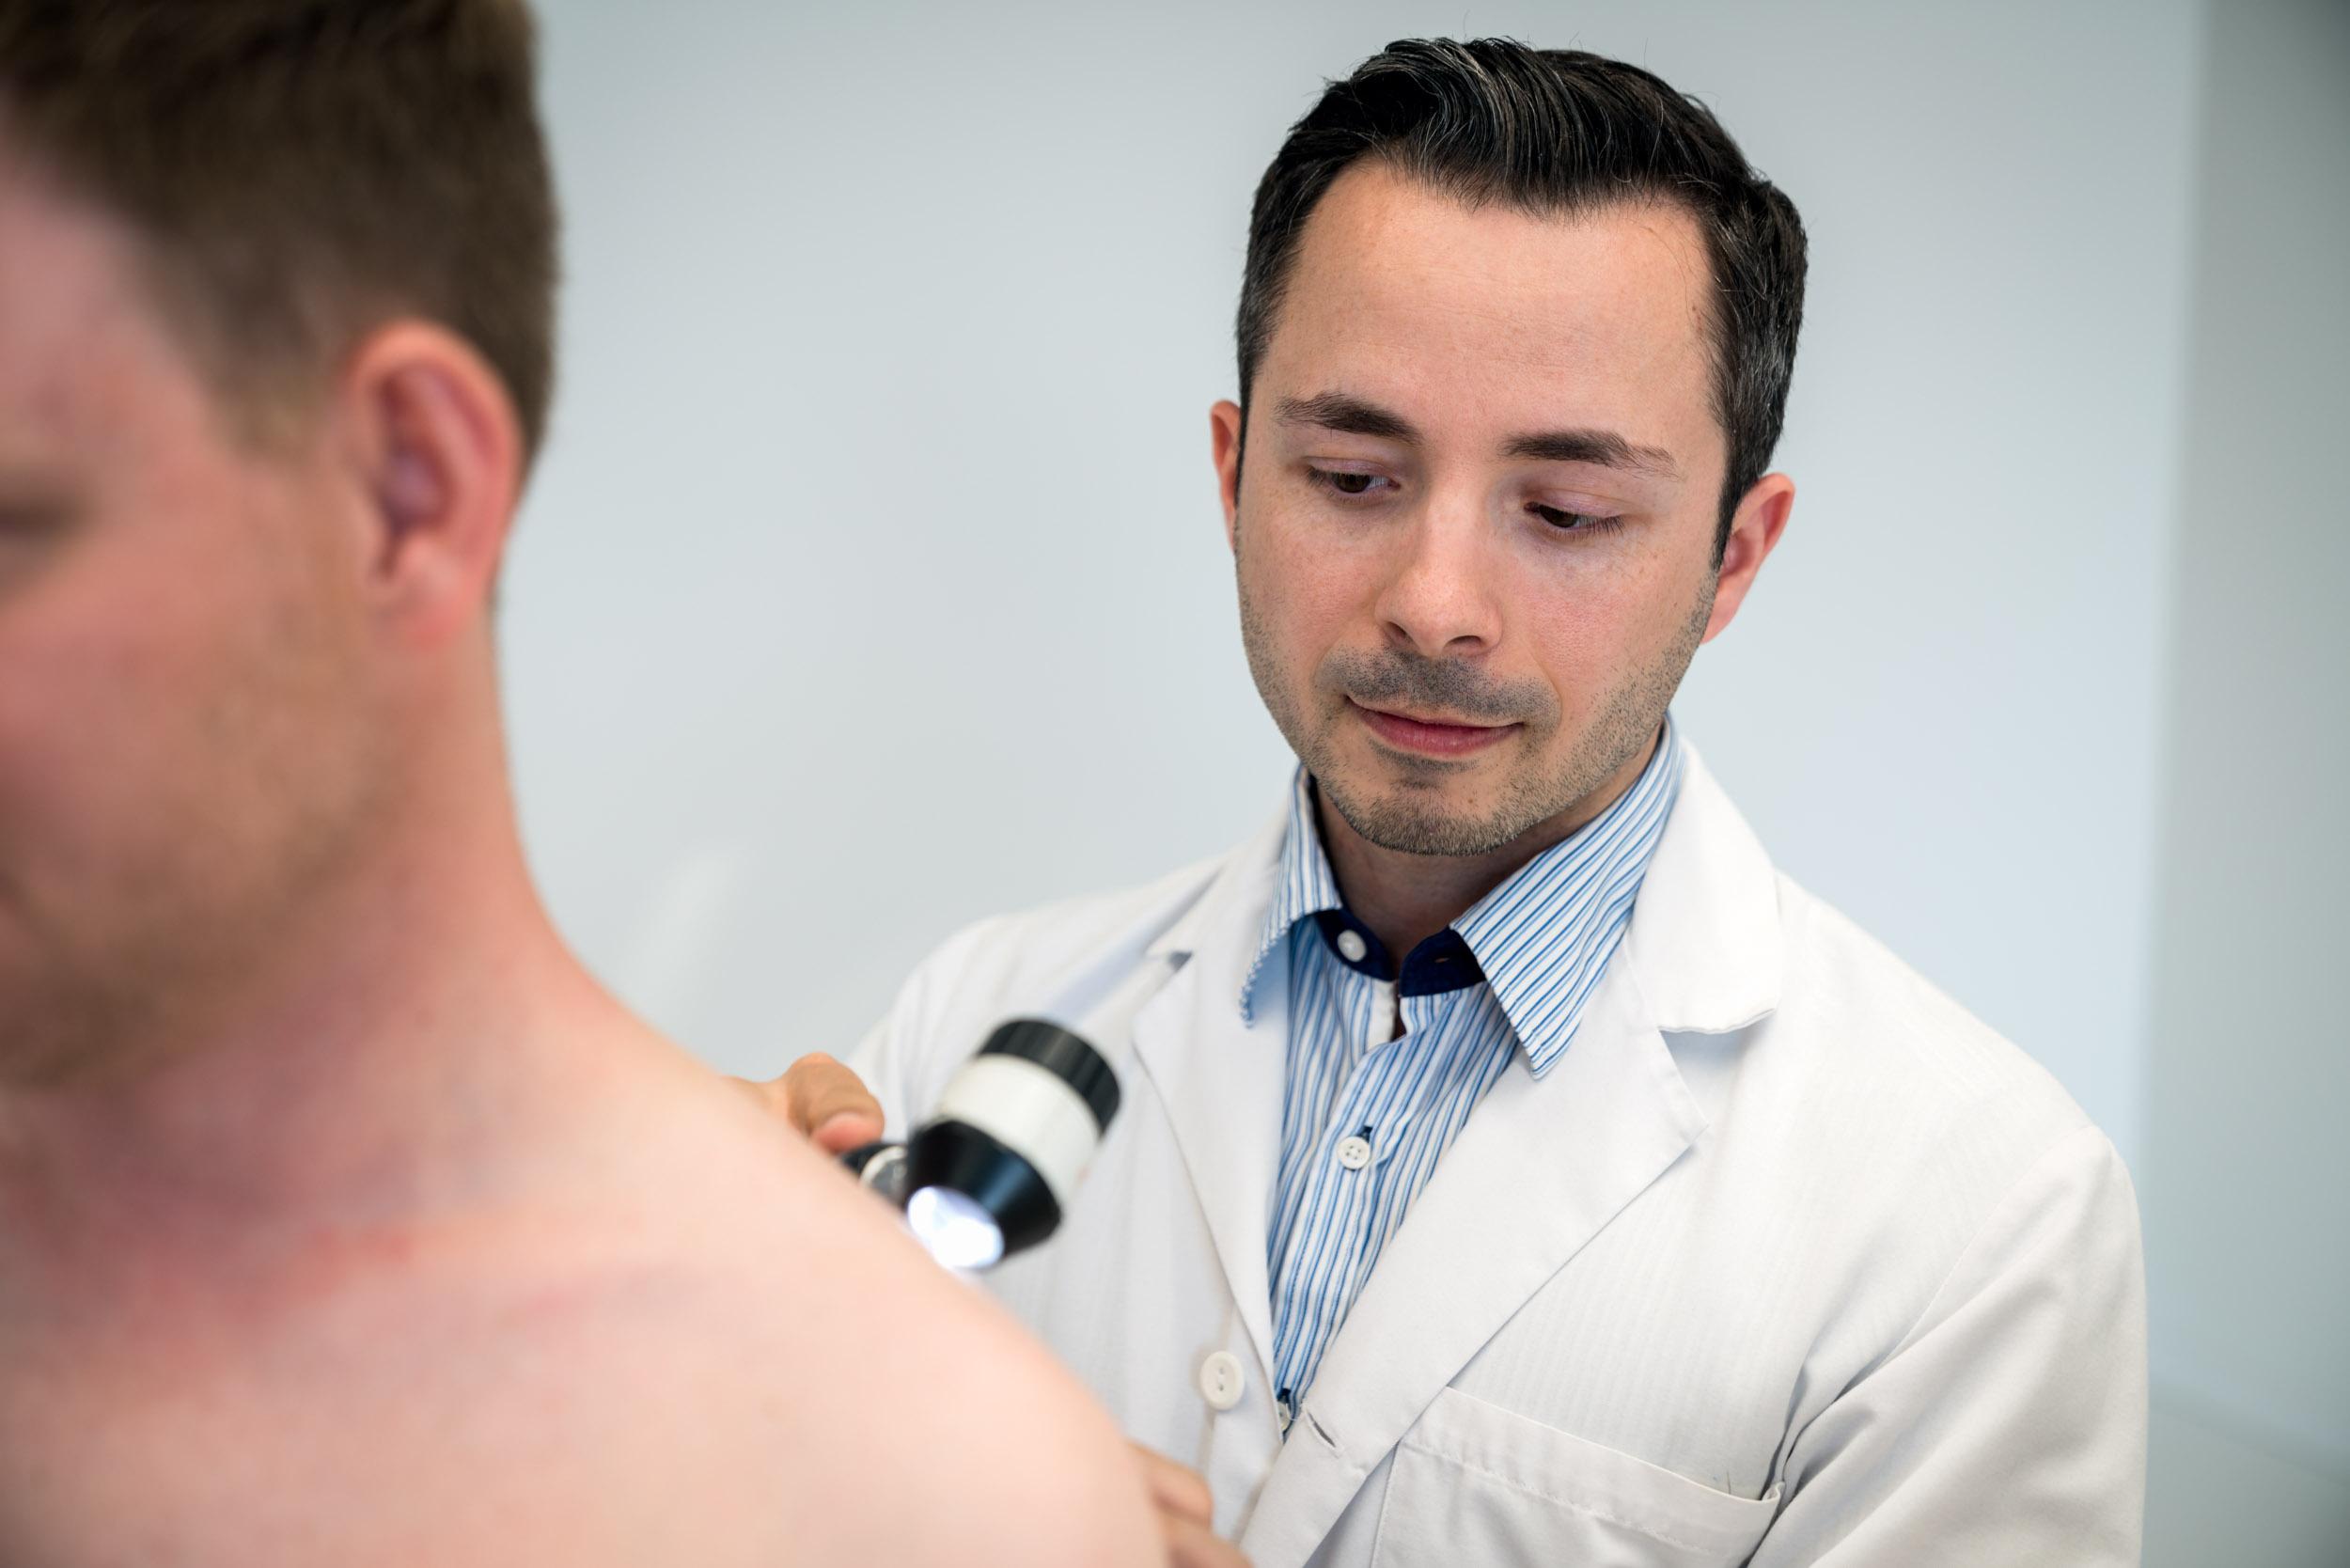 Hautkontrolle mit einem Dermatoskop